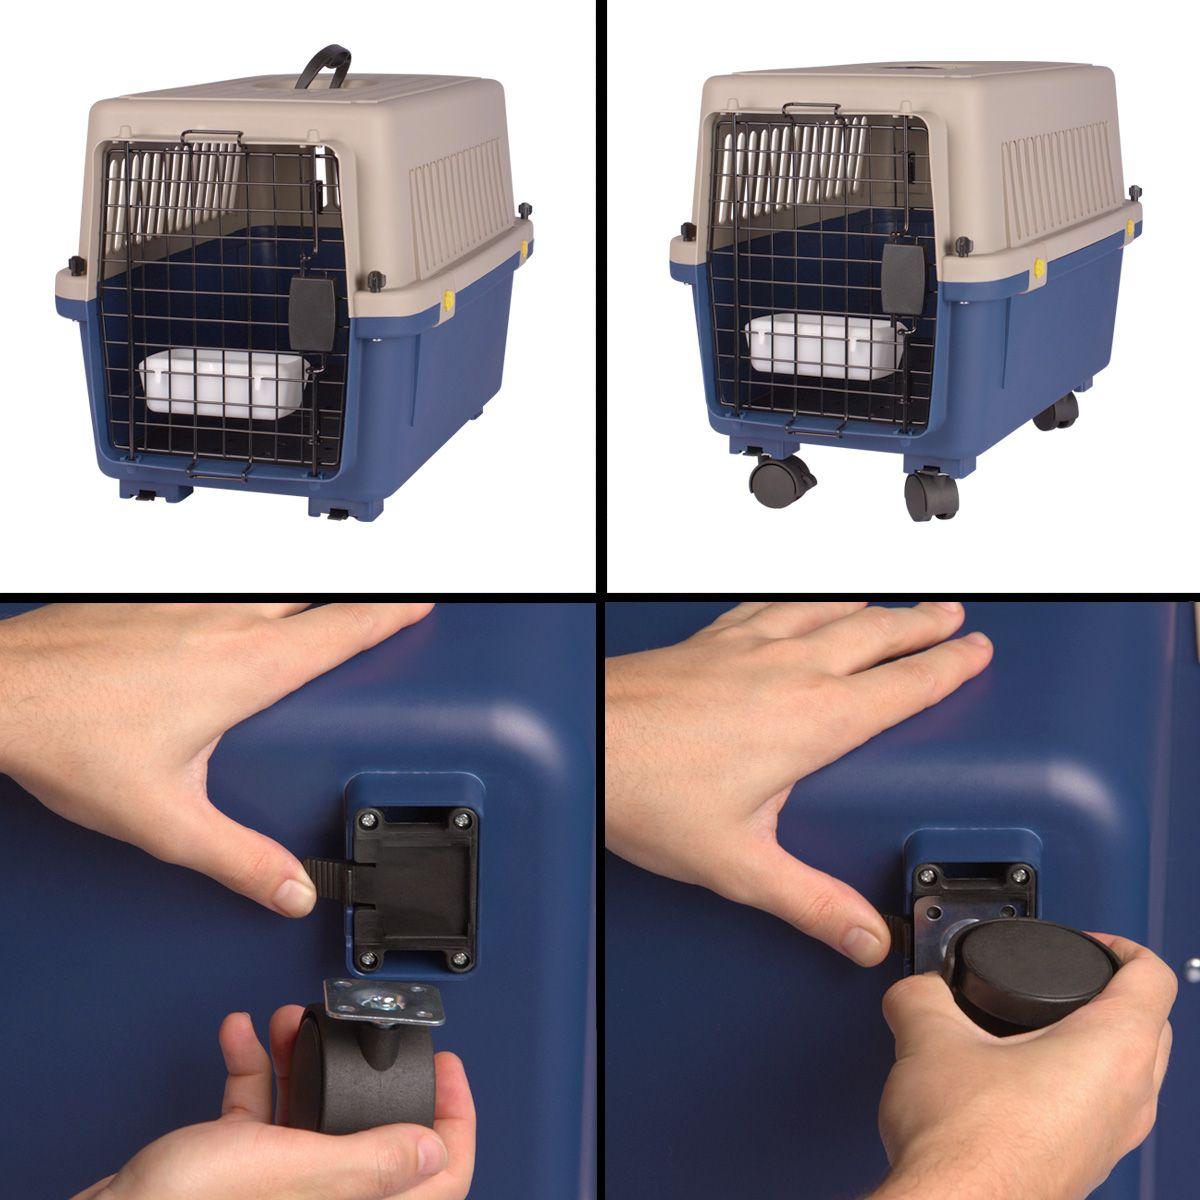 Caixa de Transporte Dog Fly modelo IATA Tamanho 3 N3